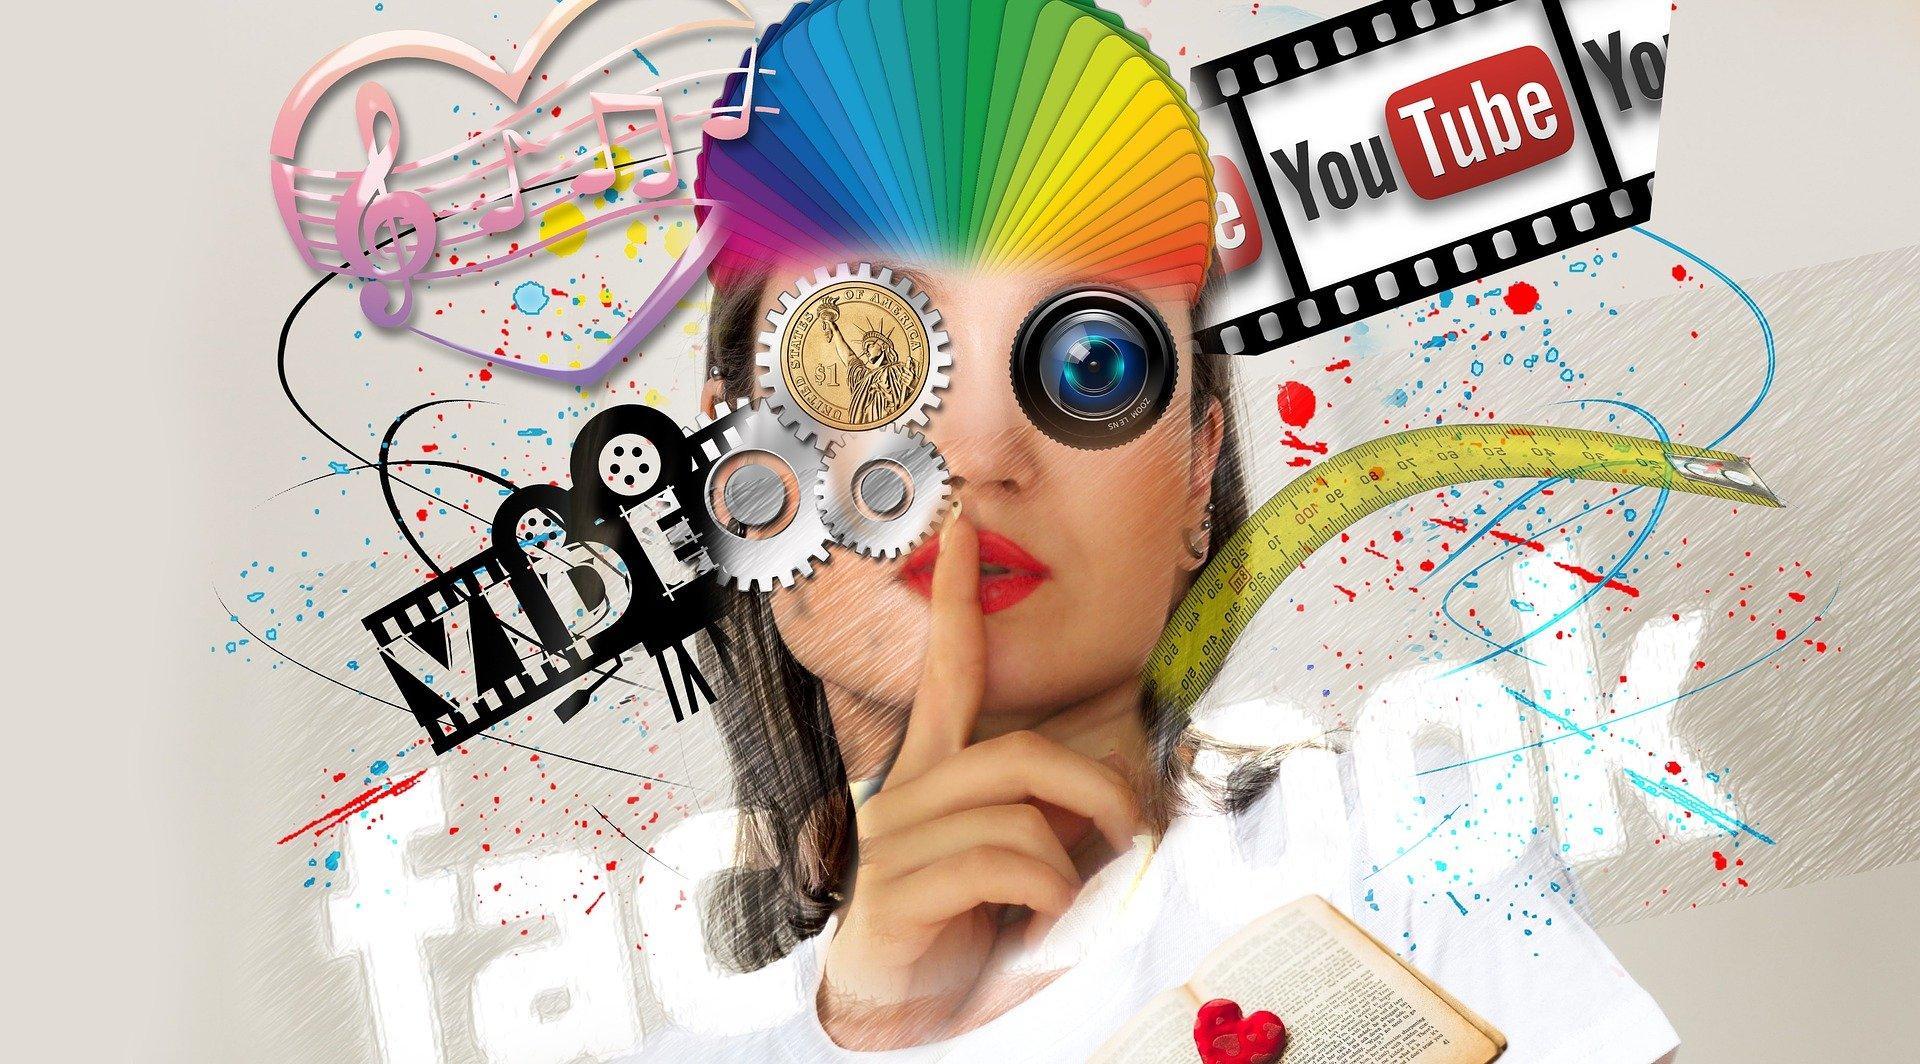 """בעקבות """"אמילי בפריז"""": איך להיות אושיית רשת אופנתית באירופה?"""